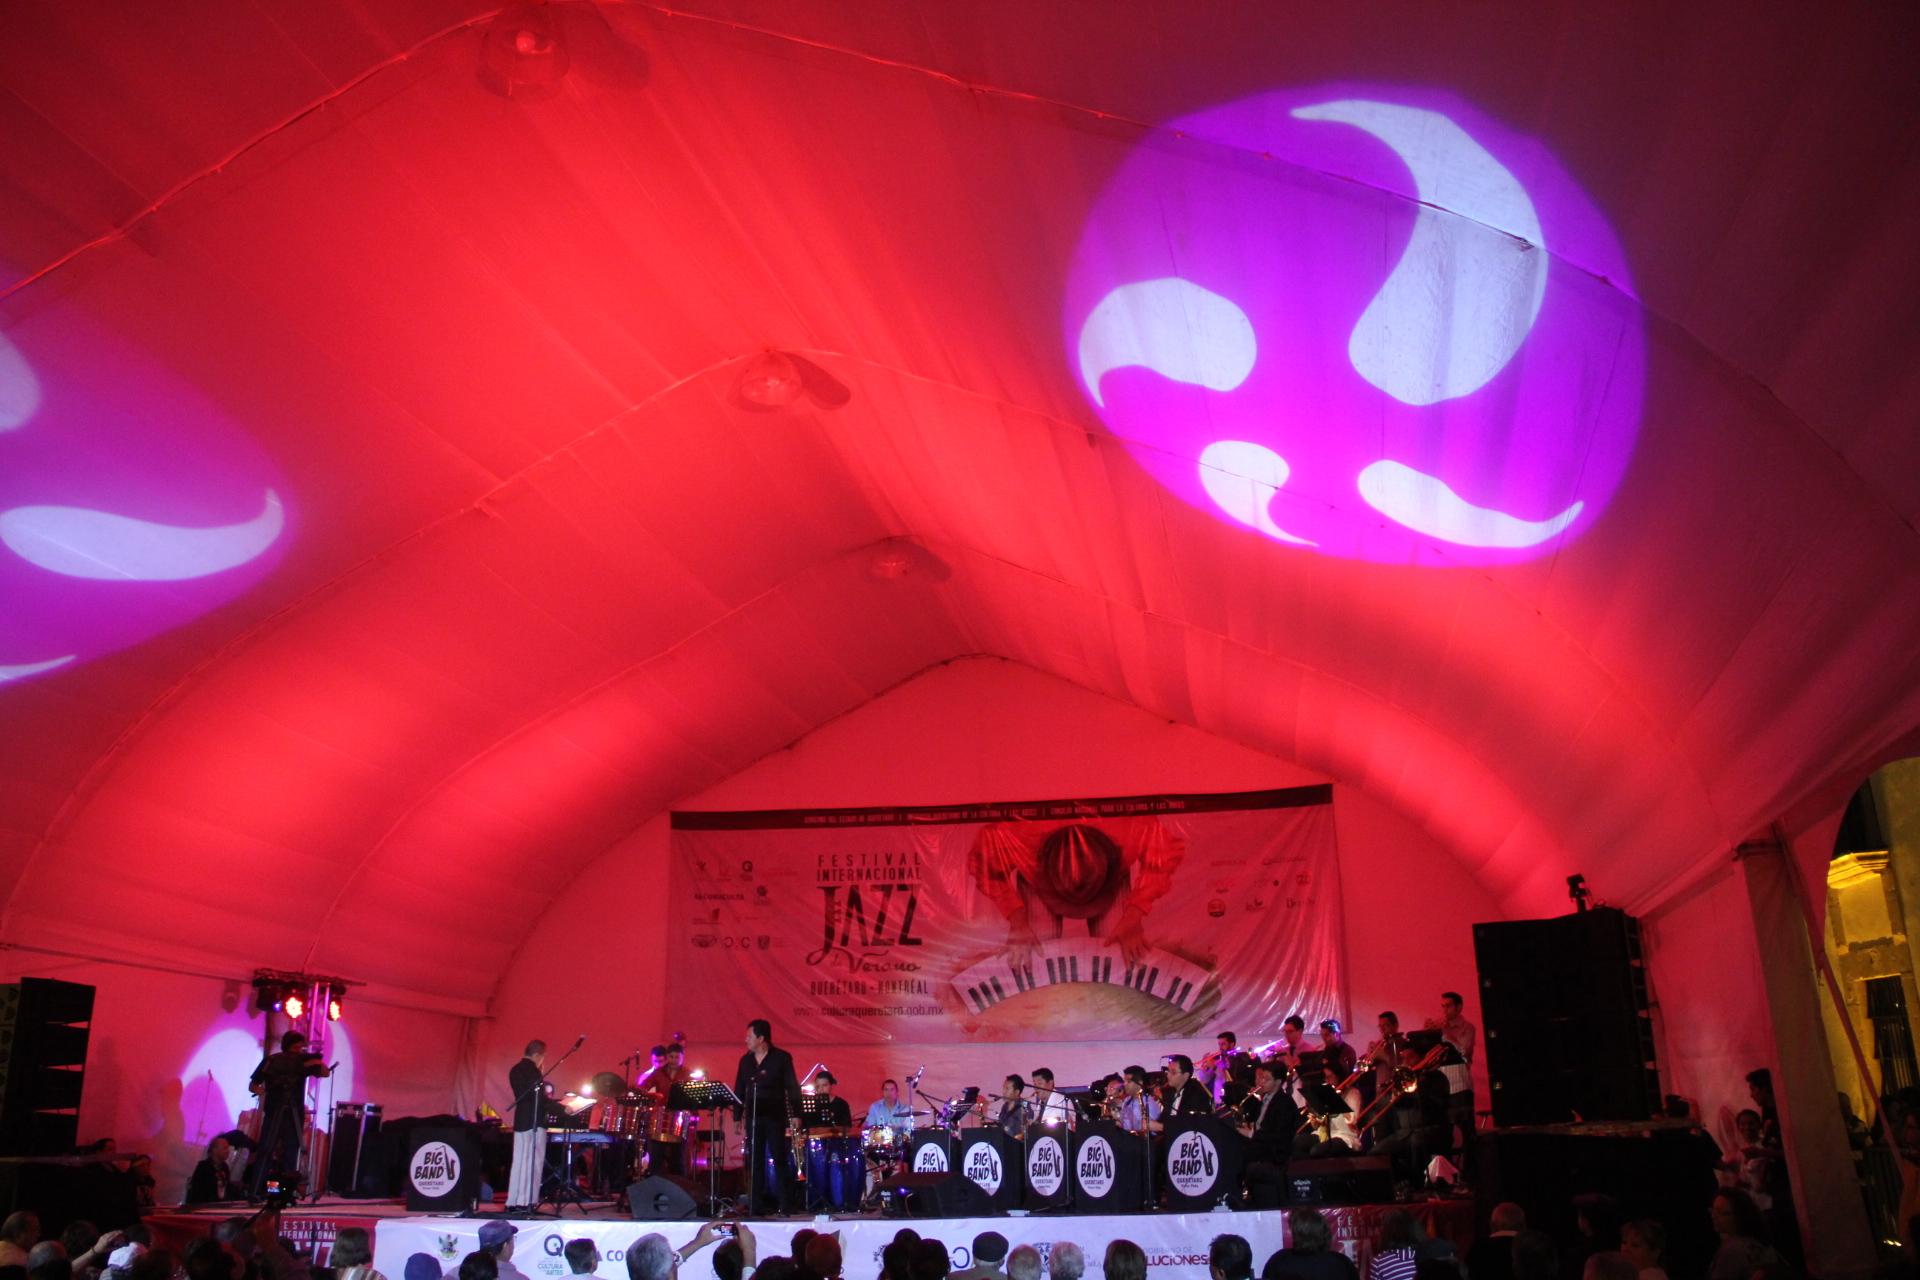 Concluye con éxito el Festival Internacional Jazz de Verano Querétaro-Montréal